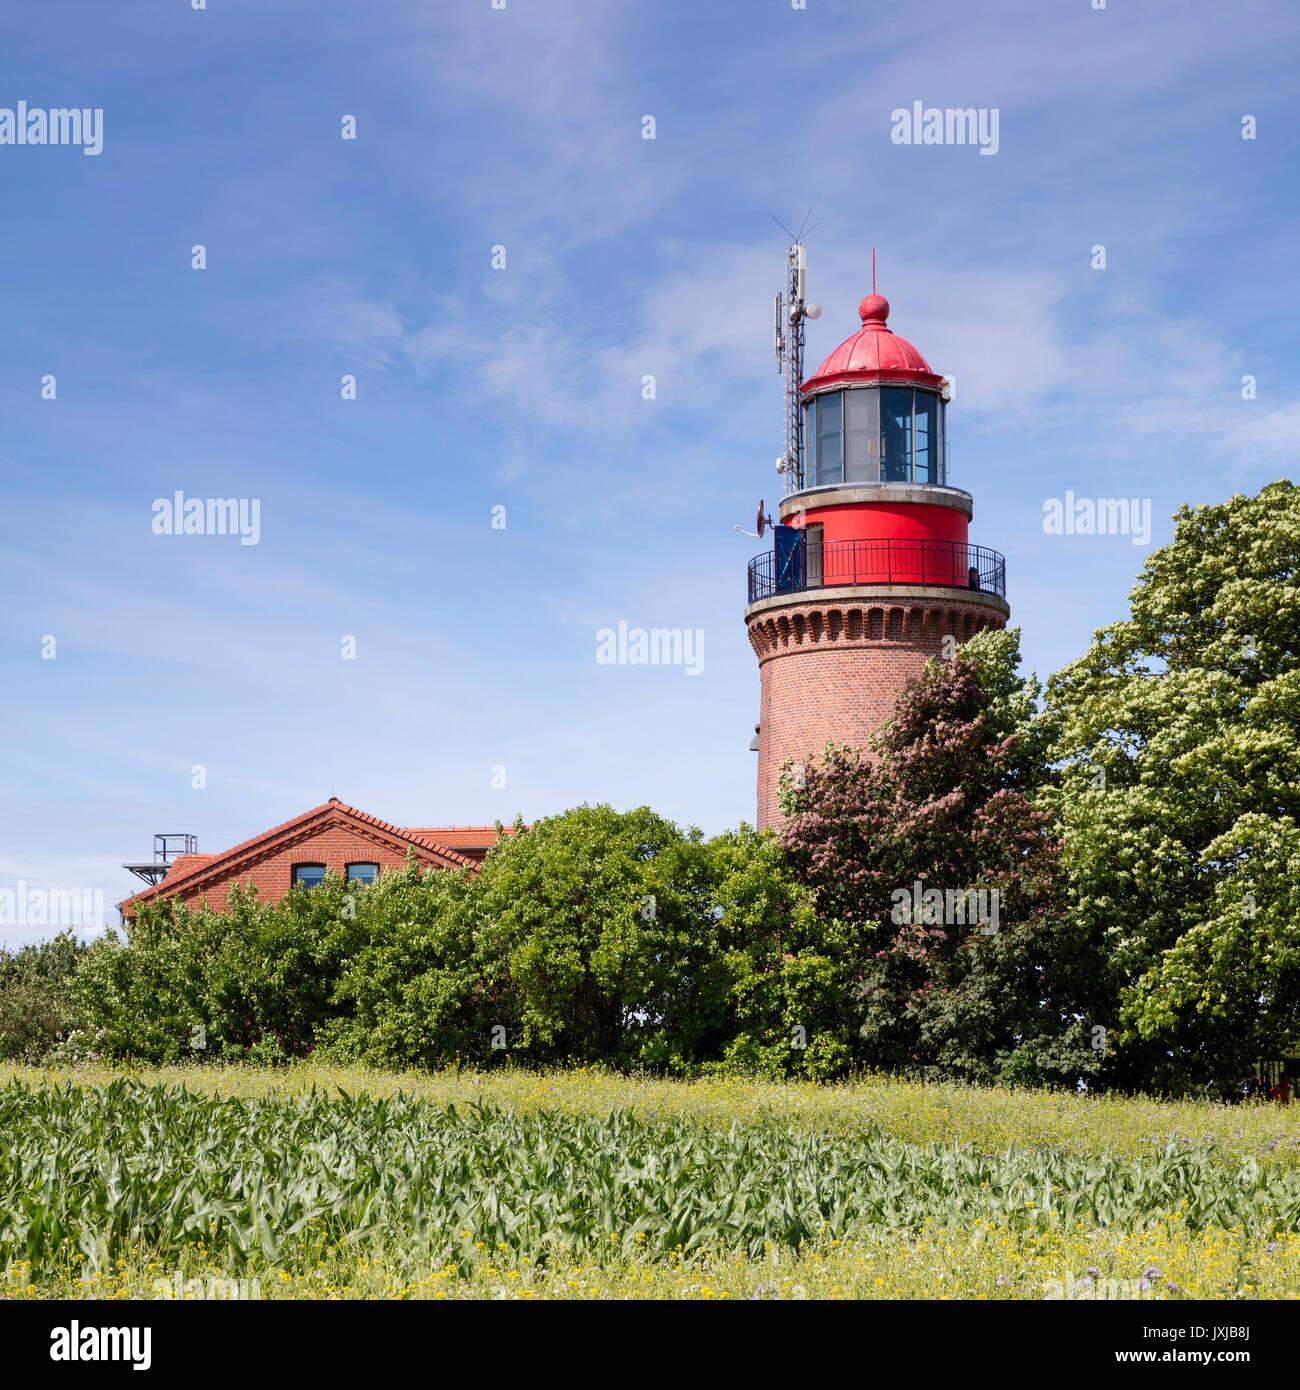 Bastorfer lighthouse, Bastorf, Ostseebad Kühlungsborn, Mecklenburg-Vorpommern, Germany, Europe - Stock Image